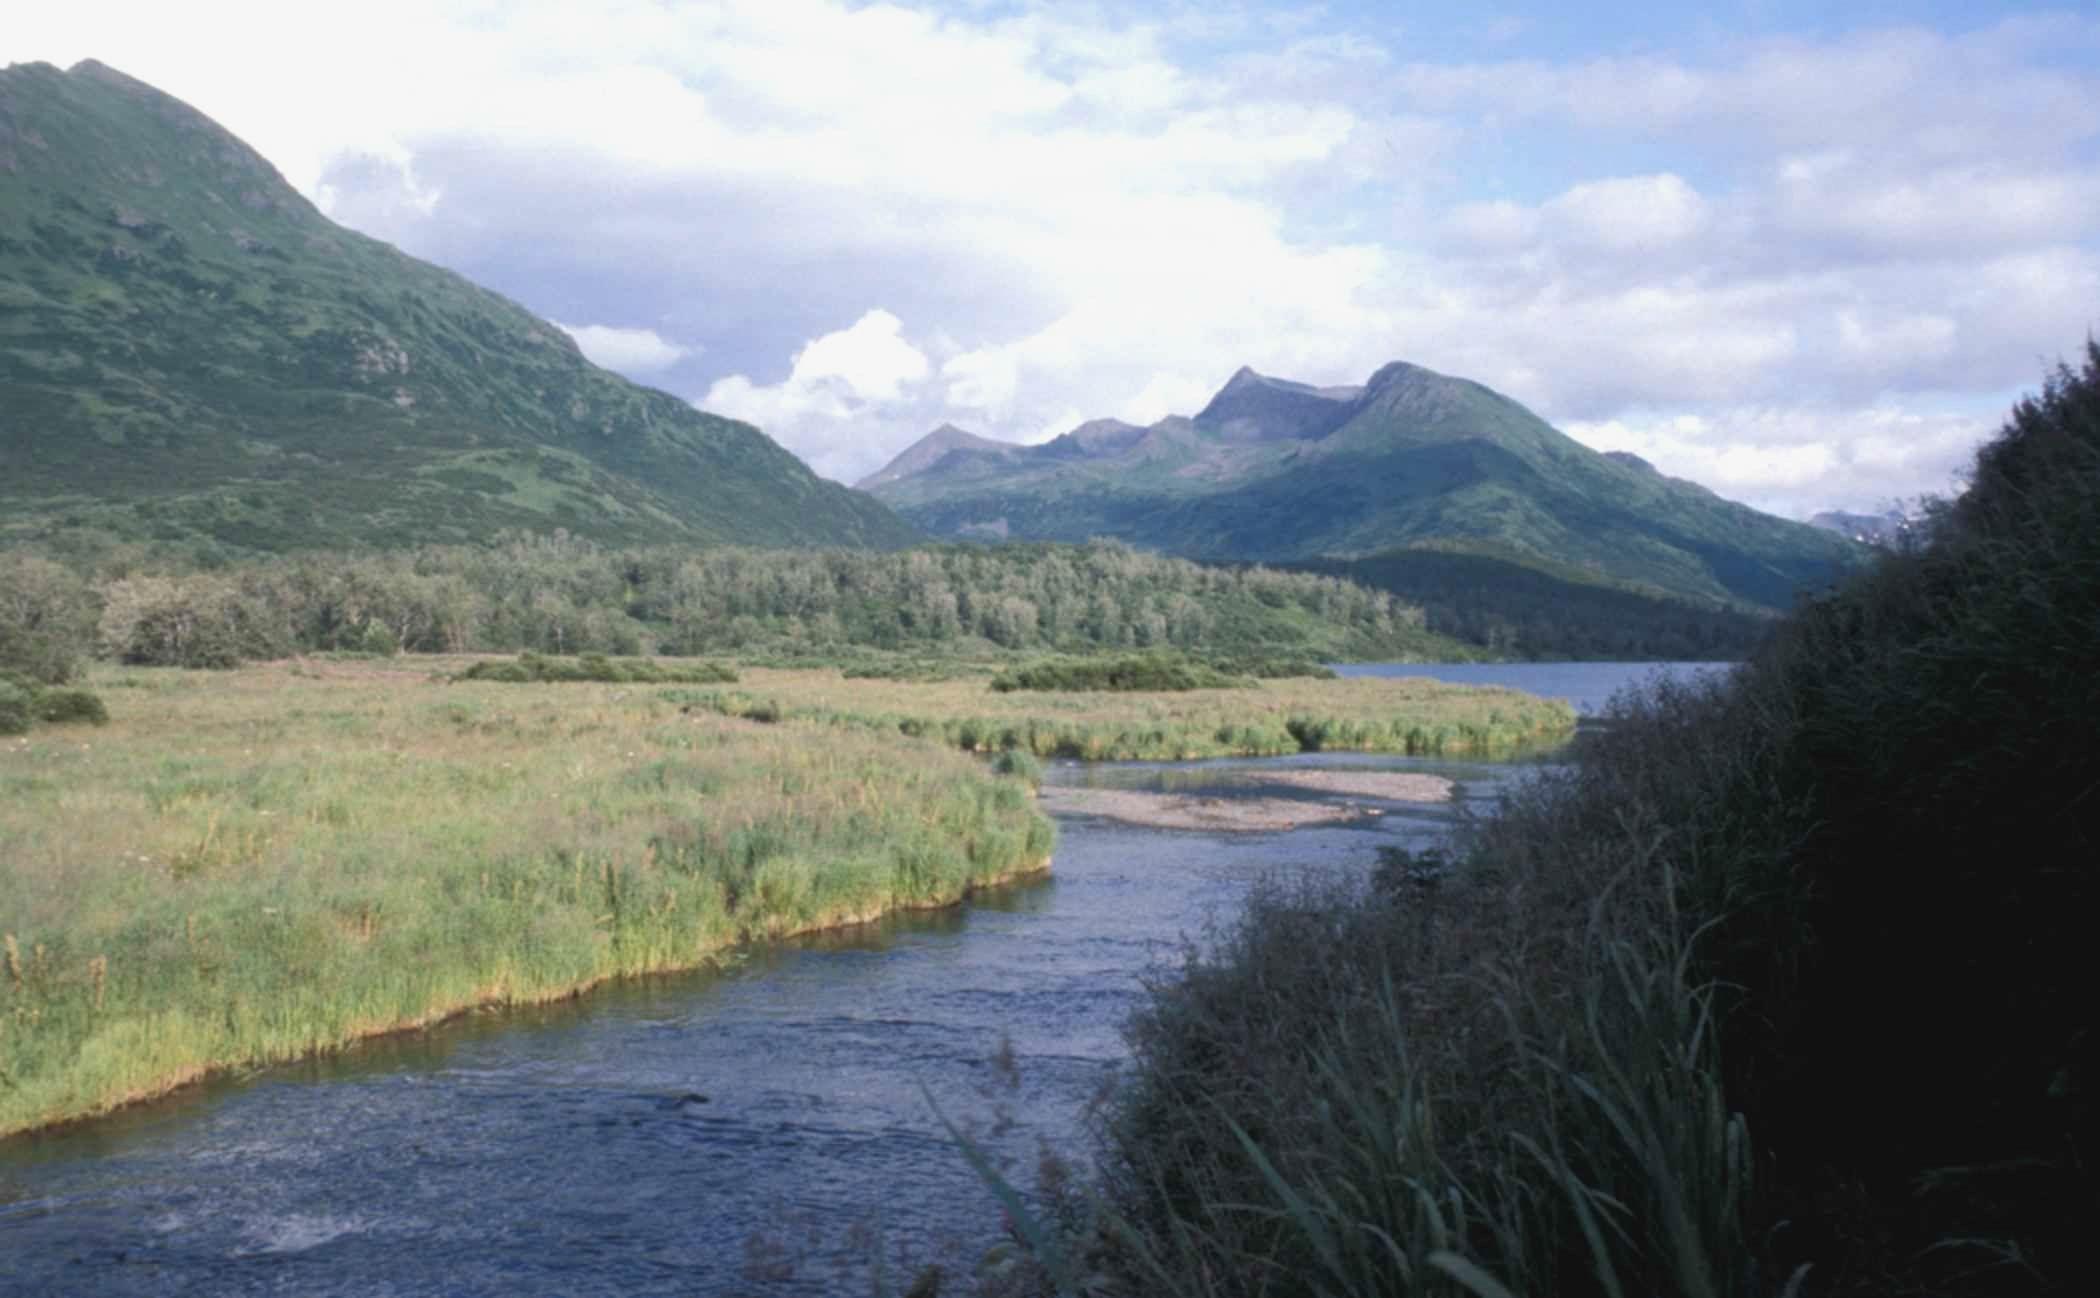 Kodiak island, Alaska, Gulf of alaska